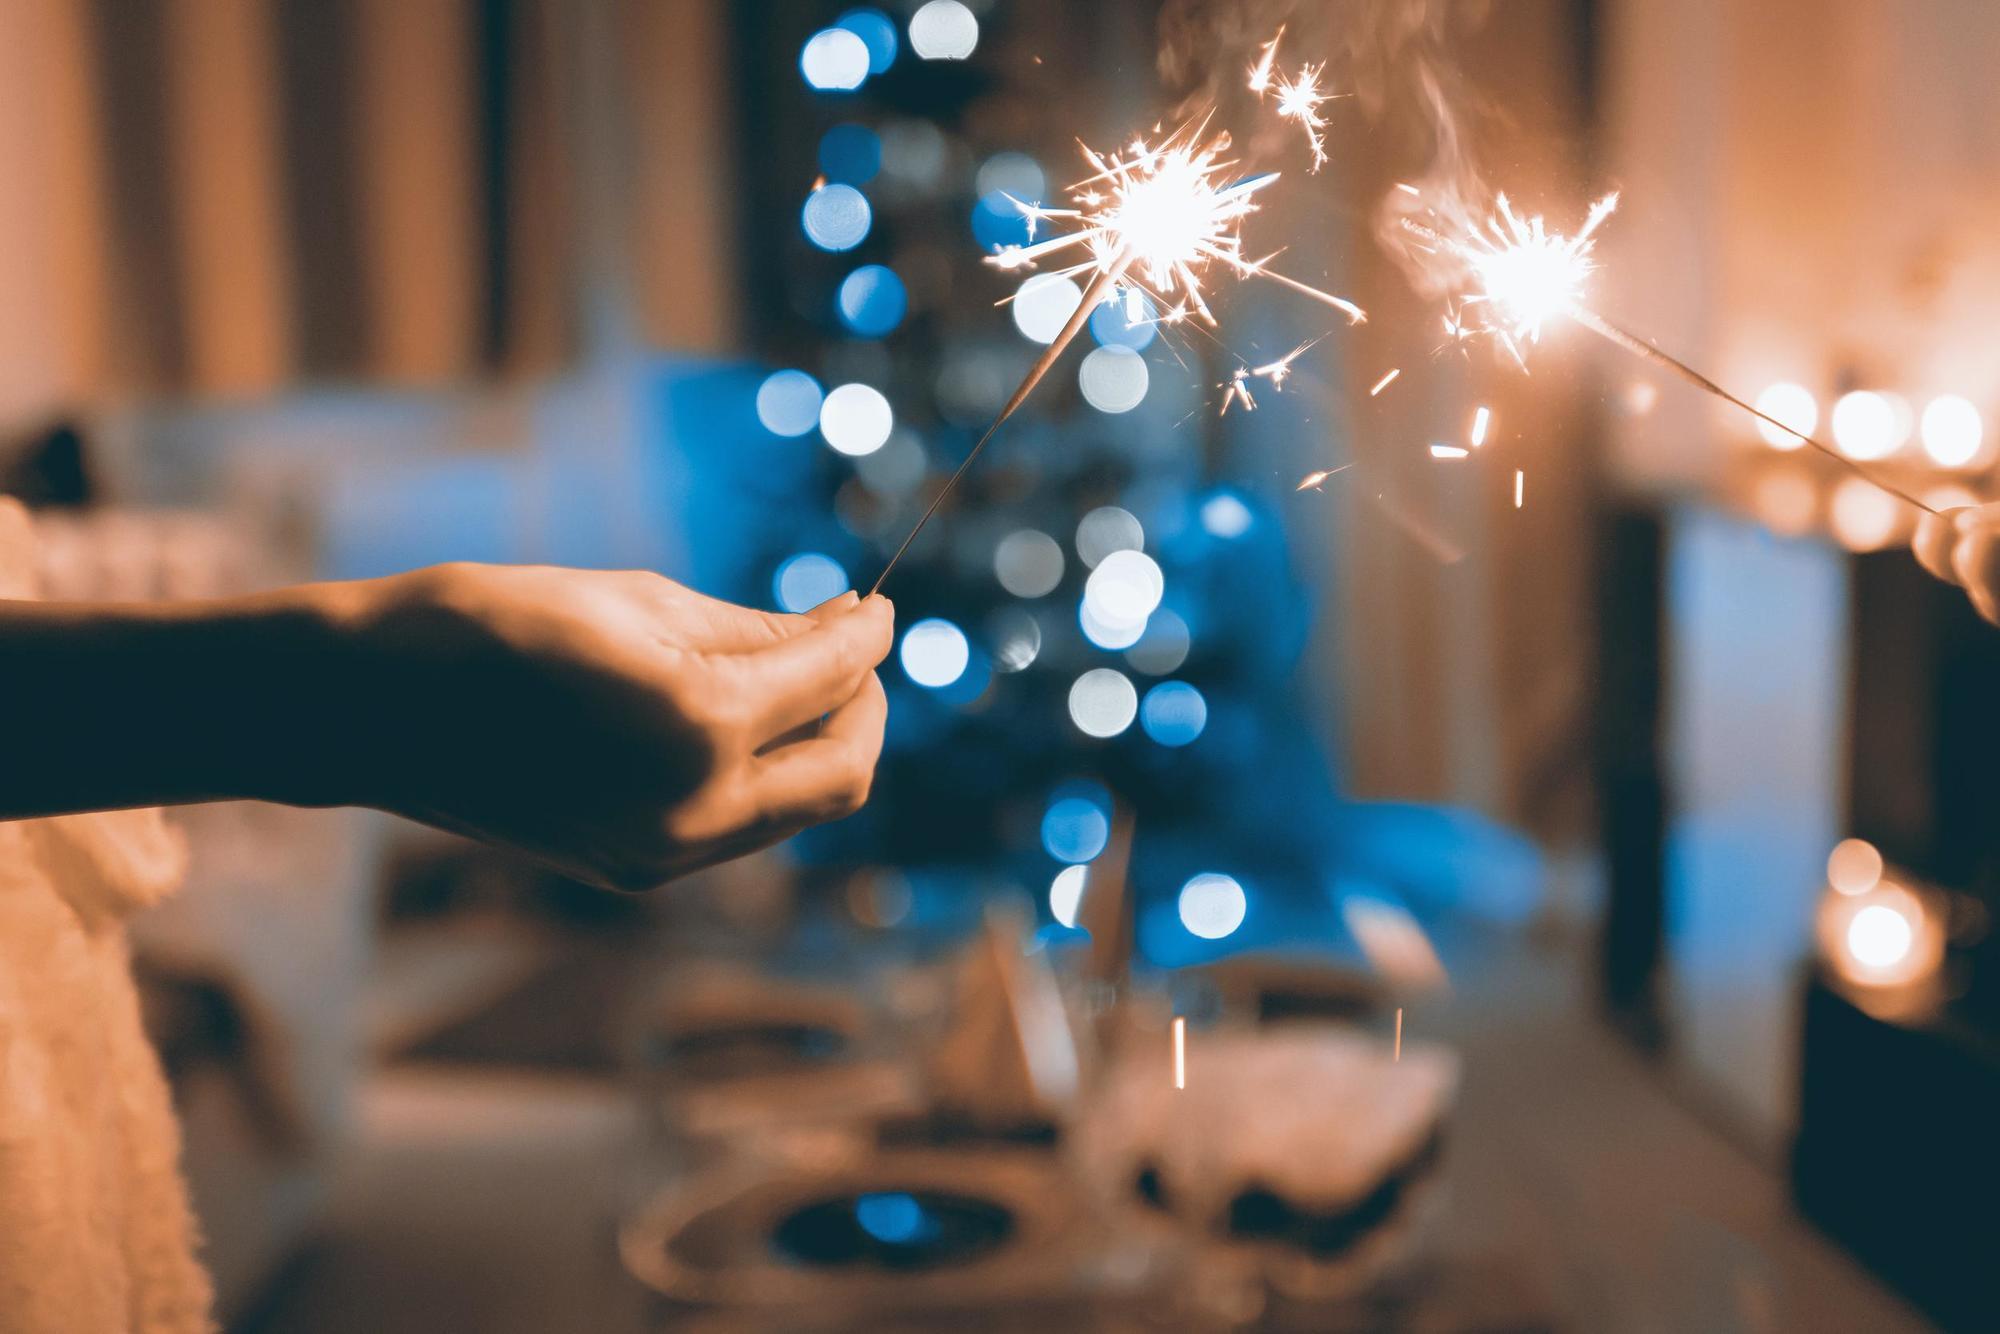 свято, святкування, вогники